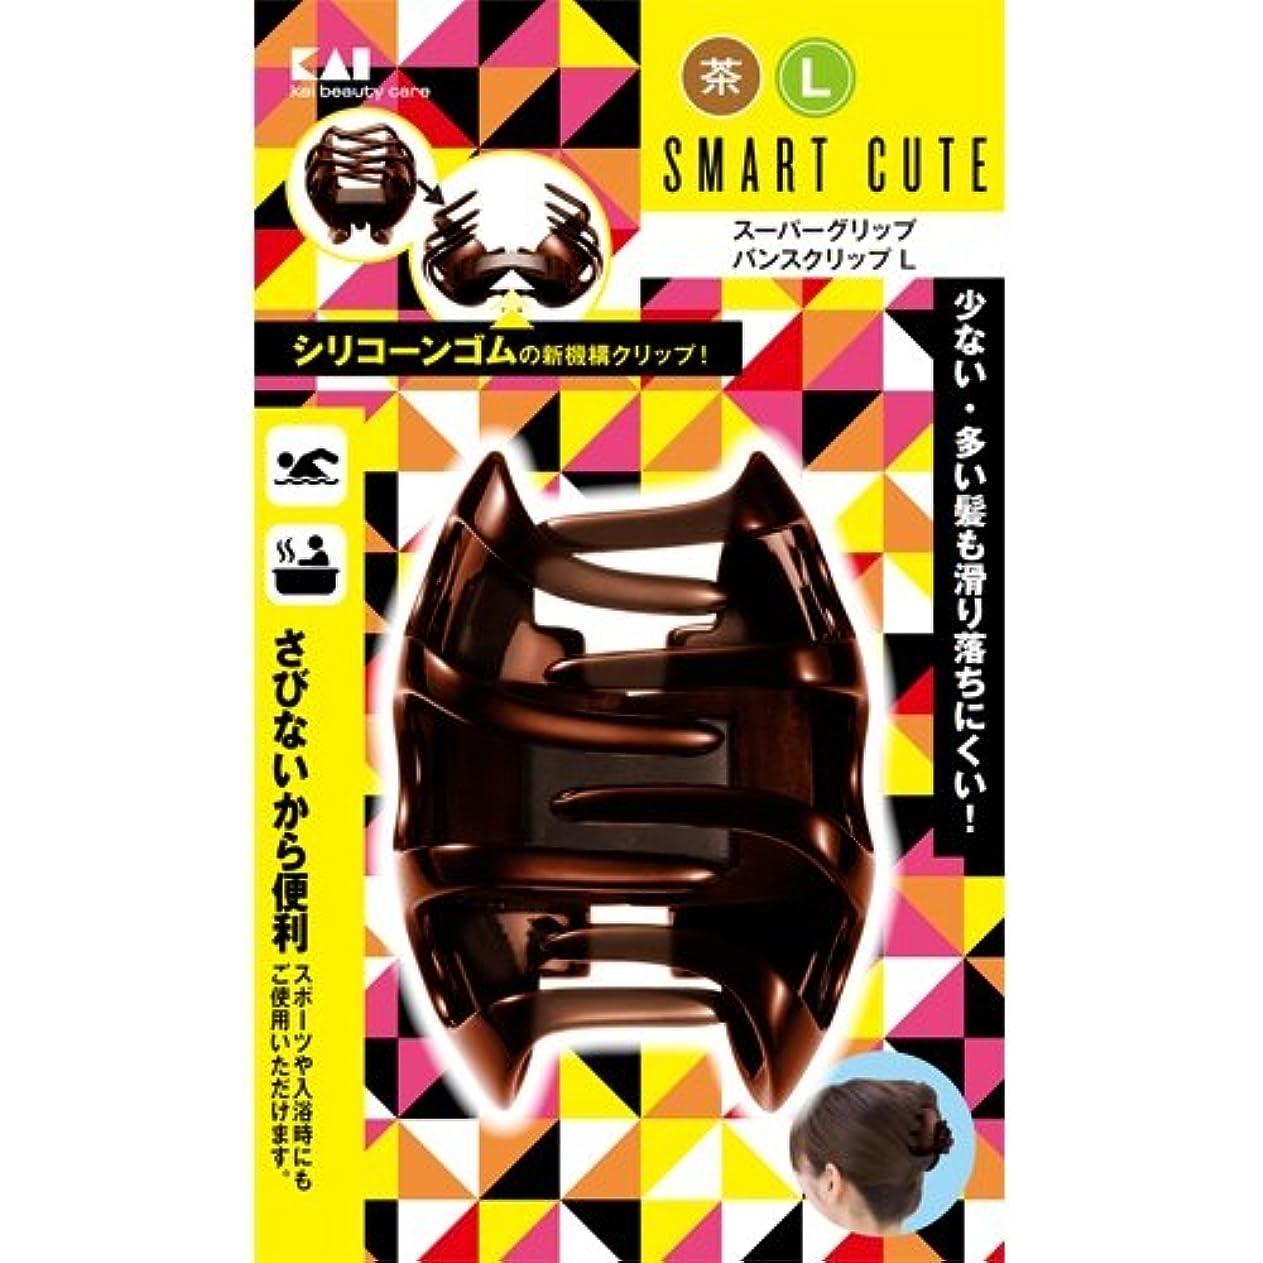 上に築きますマニア百科事典スマートキュート(SmartCute)スーパーグリップバンスクリップL茶 HC3317